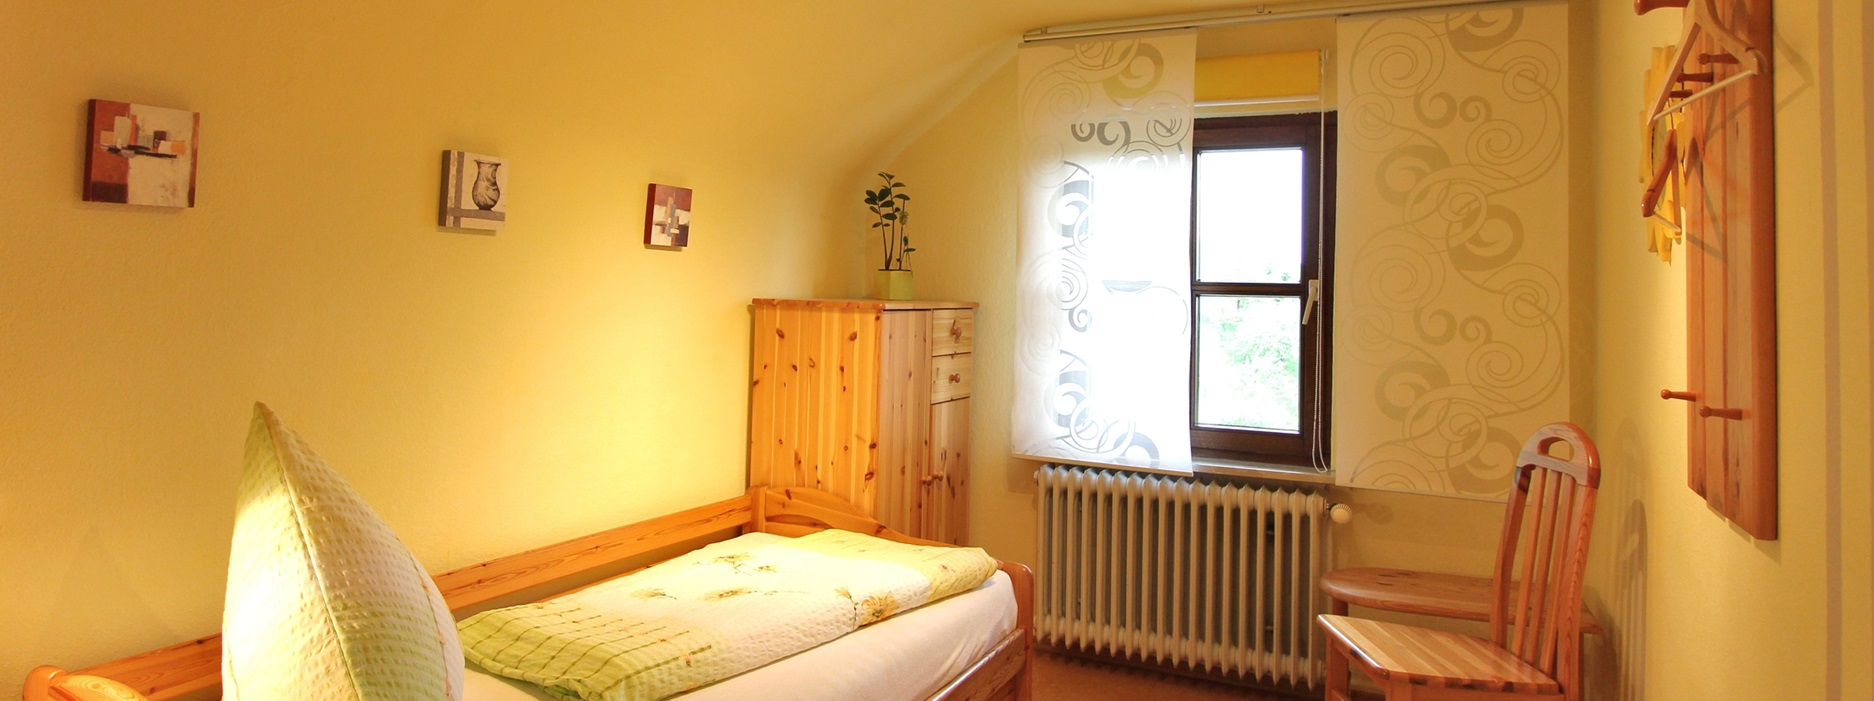 Ferienwohnung Panoramablick Hubhof Schlafzimmer